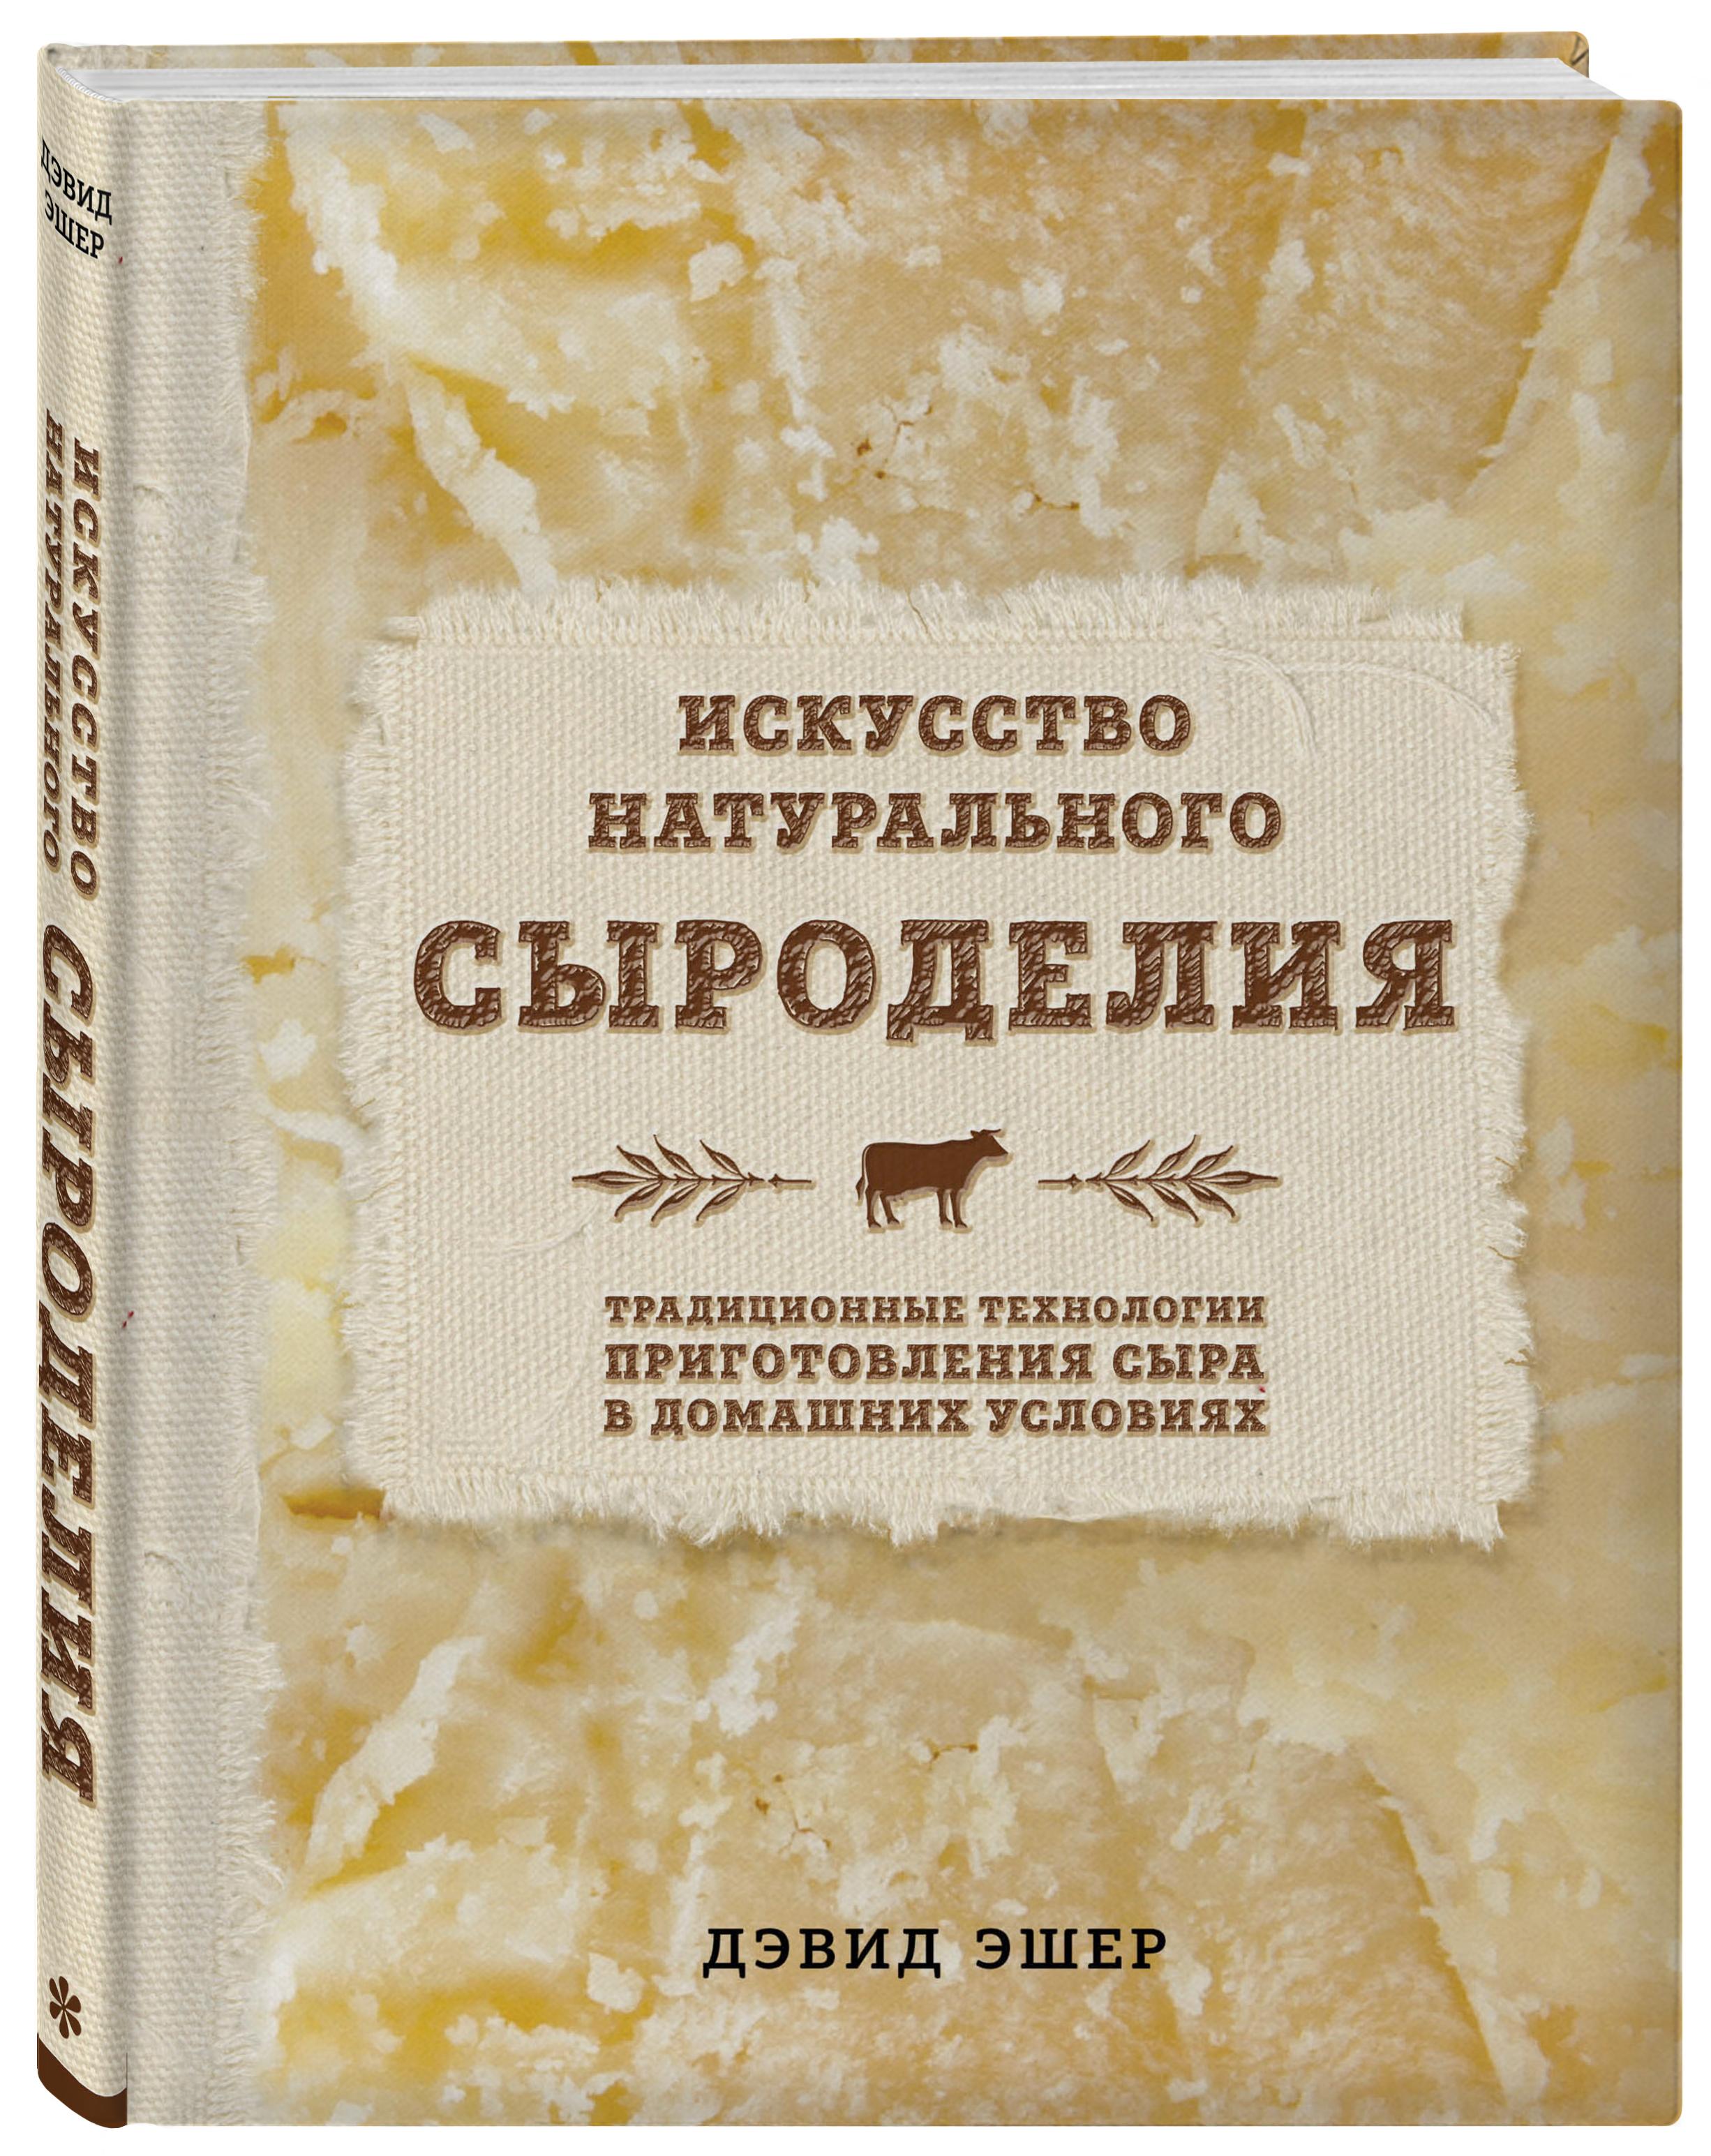 Эшер Д. Искусство натурального сыроделия (светлая) серия джеймс эшер где